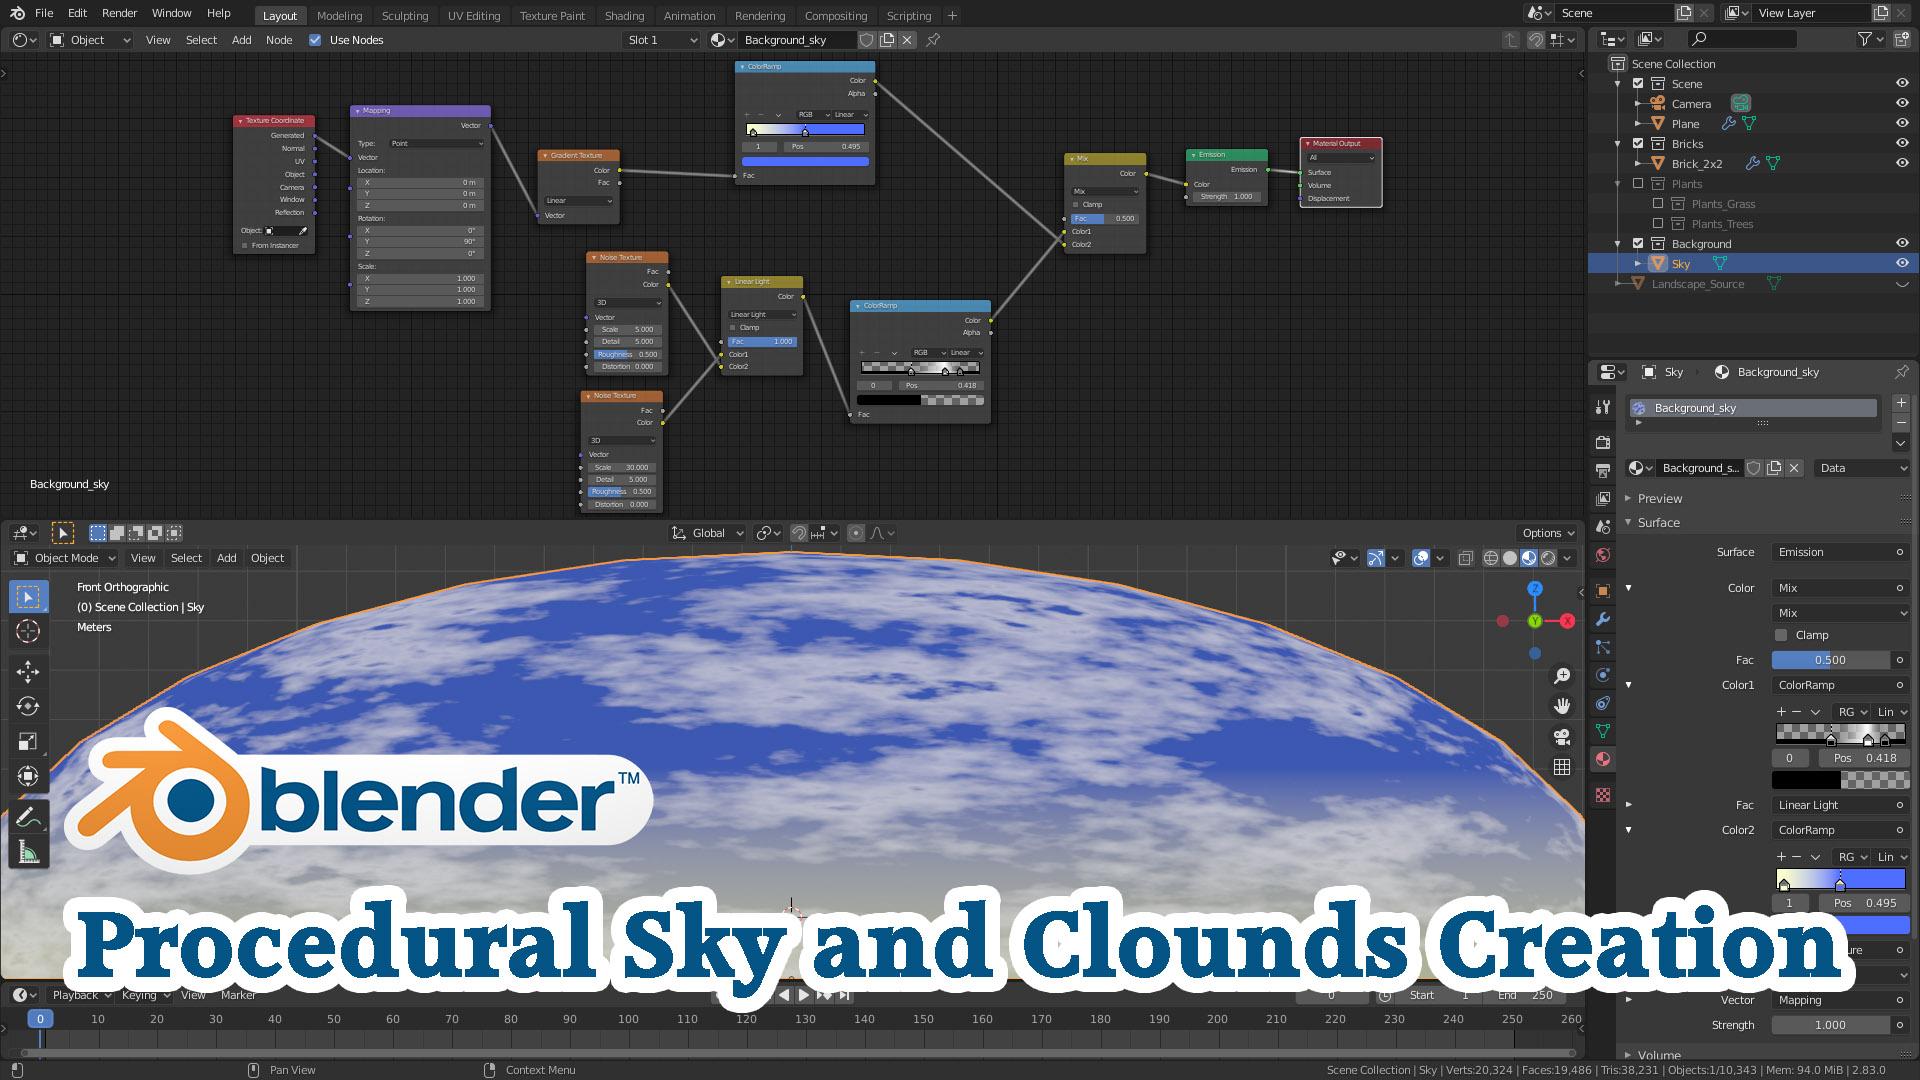 https://brickshelf.com/gallery/Peiler/Making-Of/09_background_sky.jpg